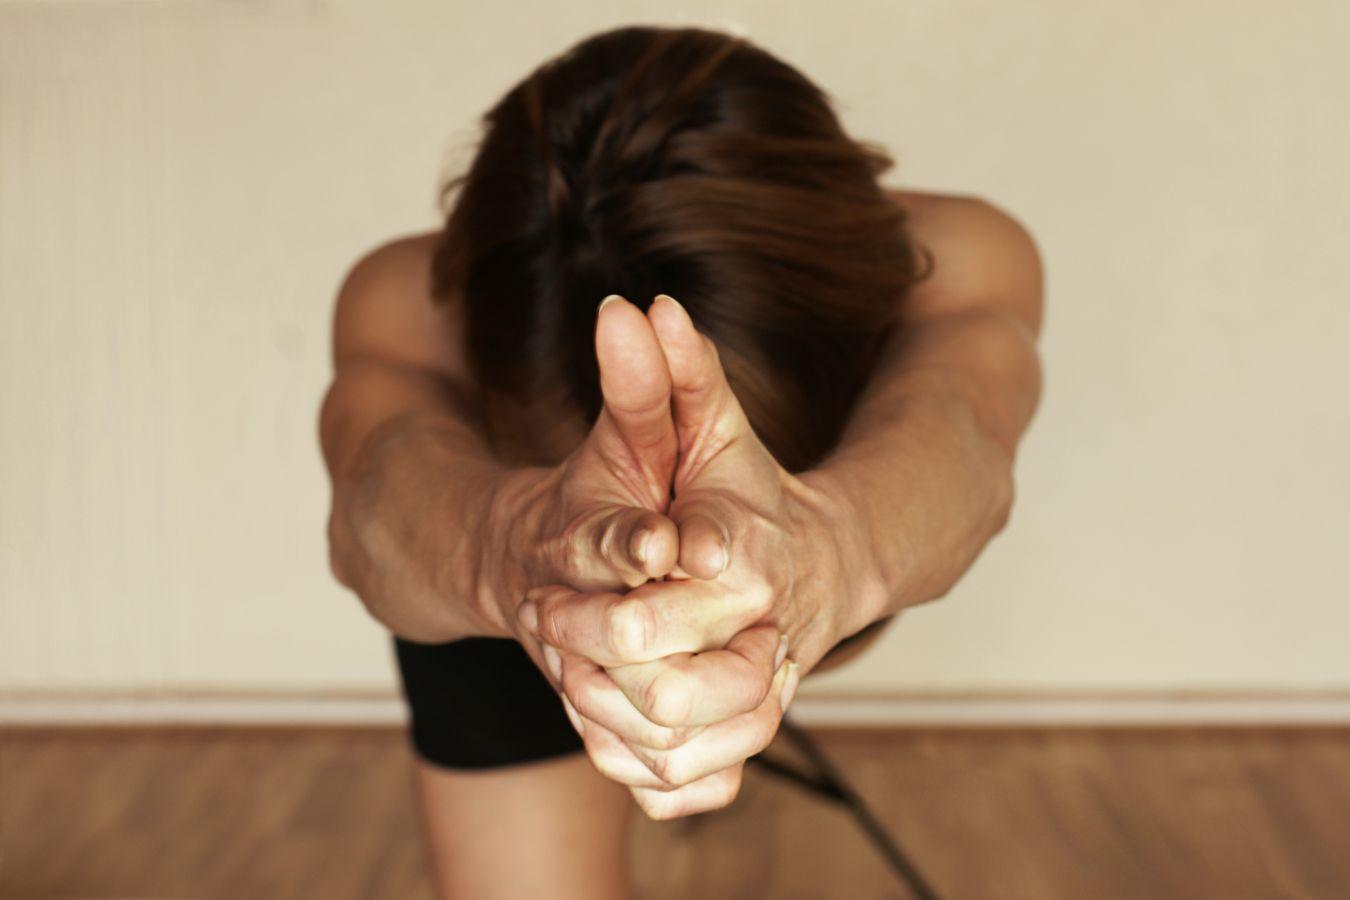 Au studio de yoga, Sydney Martinie pointe ses doigts vers l'objectif, alors que la yoguiste s'étire au maximum dans une pause appelée tuladandasana.